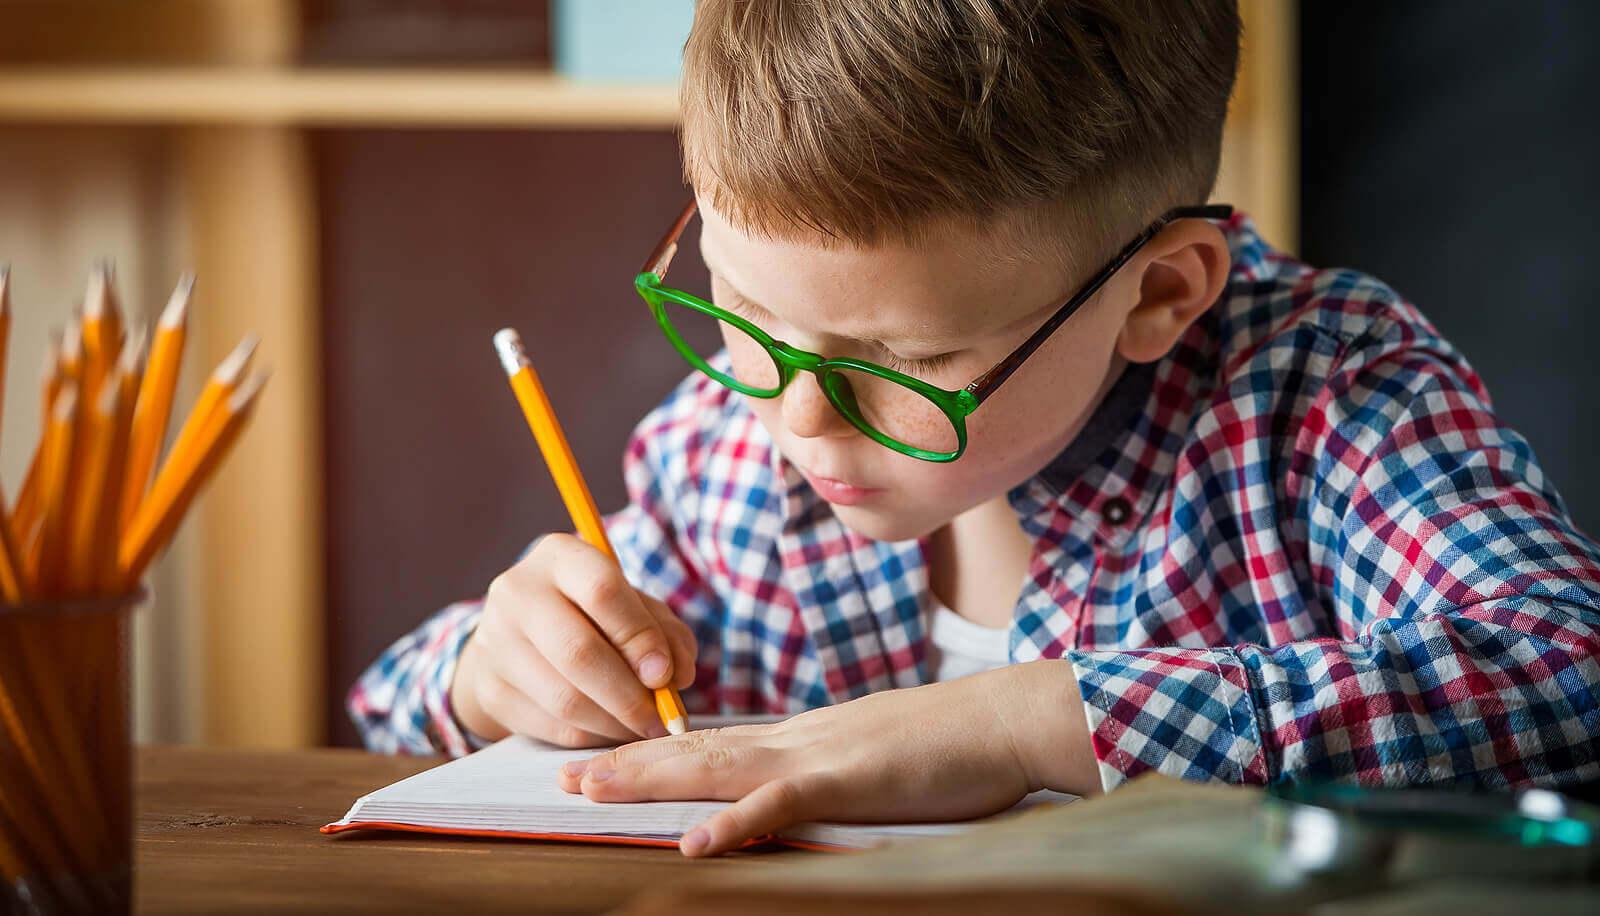 Menino aprendendo a escrever à mão.